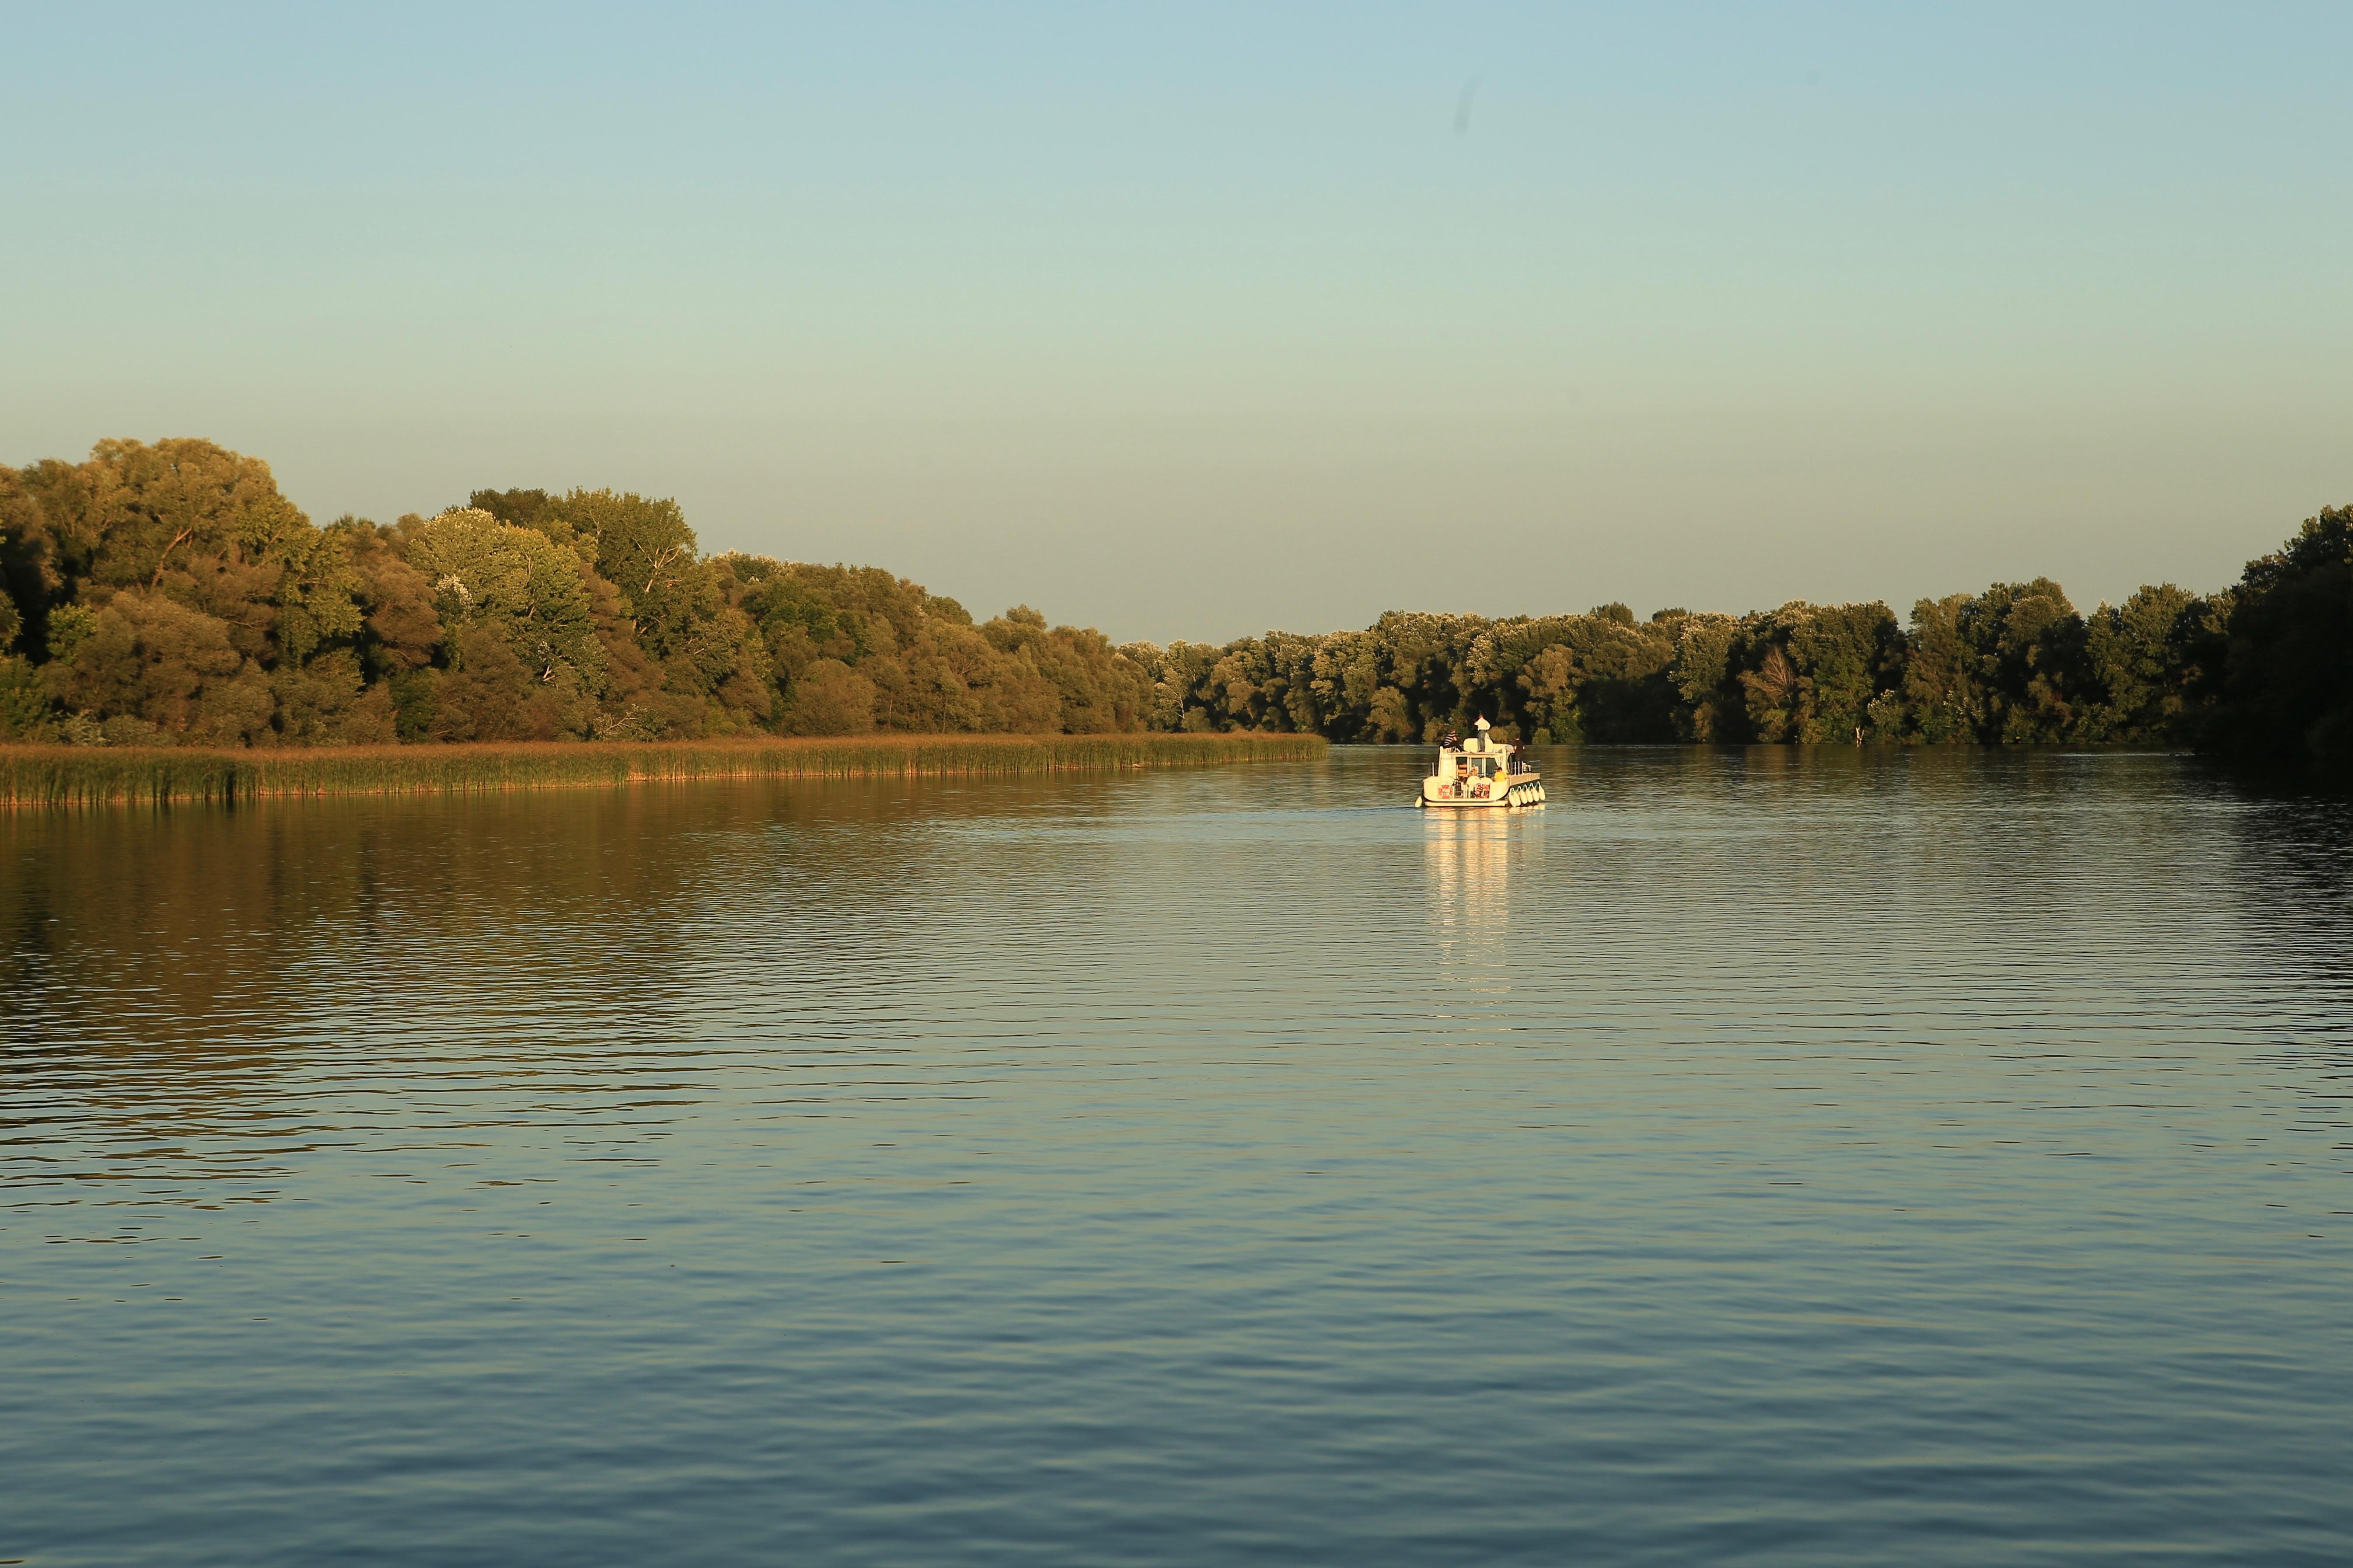 Jelentős a mikroműanyag-szennyezettség a Tiszában és mellékfolyóiban